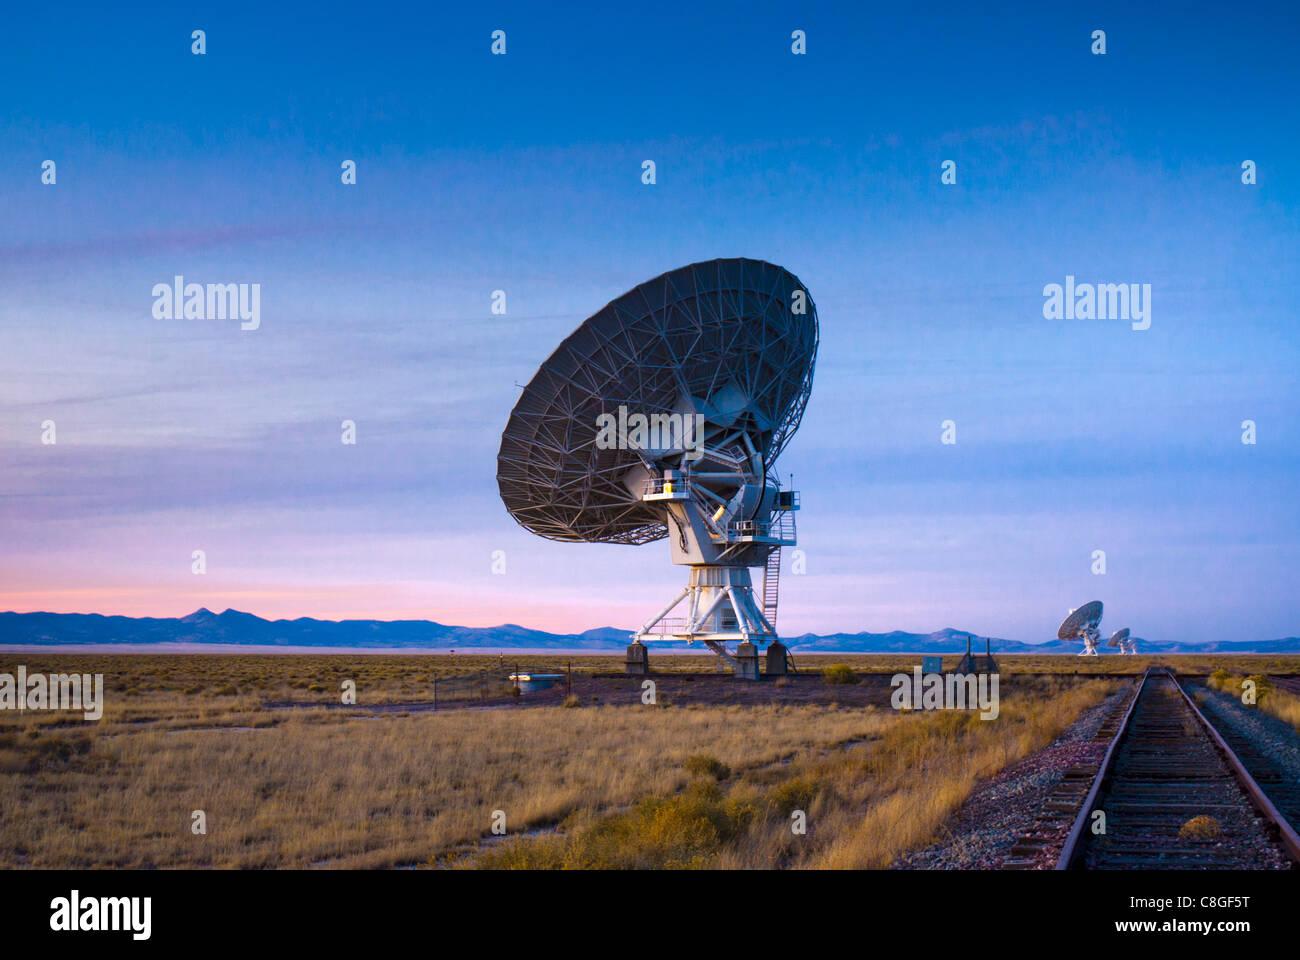 VLA (molto grandi array) della radio nazionale osservatorio astronomico, Nuovo Messico, Stati Uniti d'America Immagini Stock